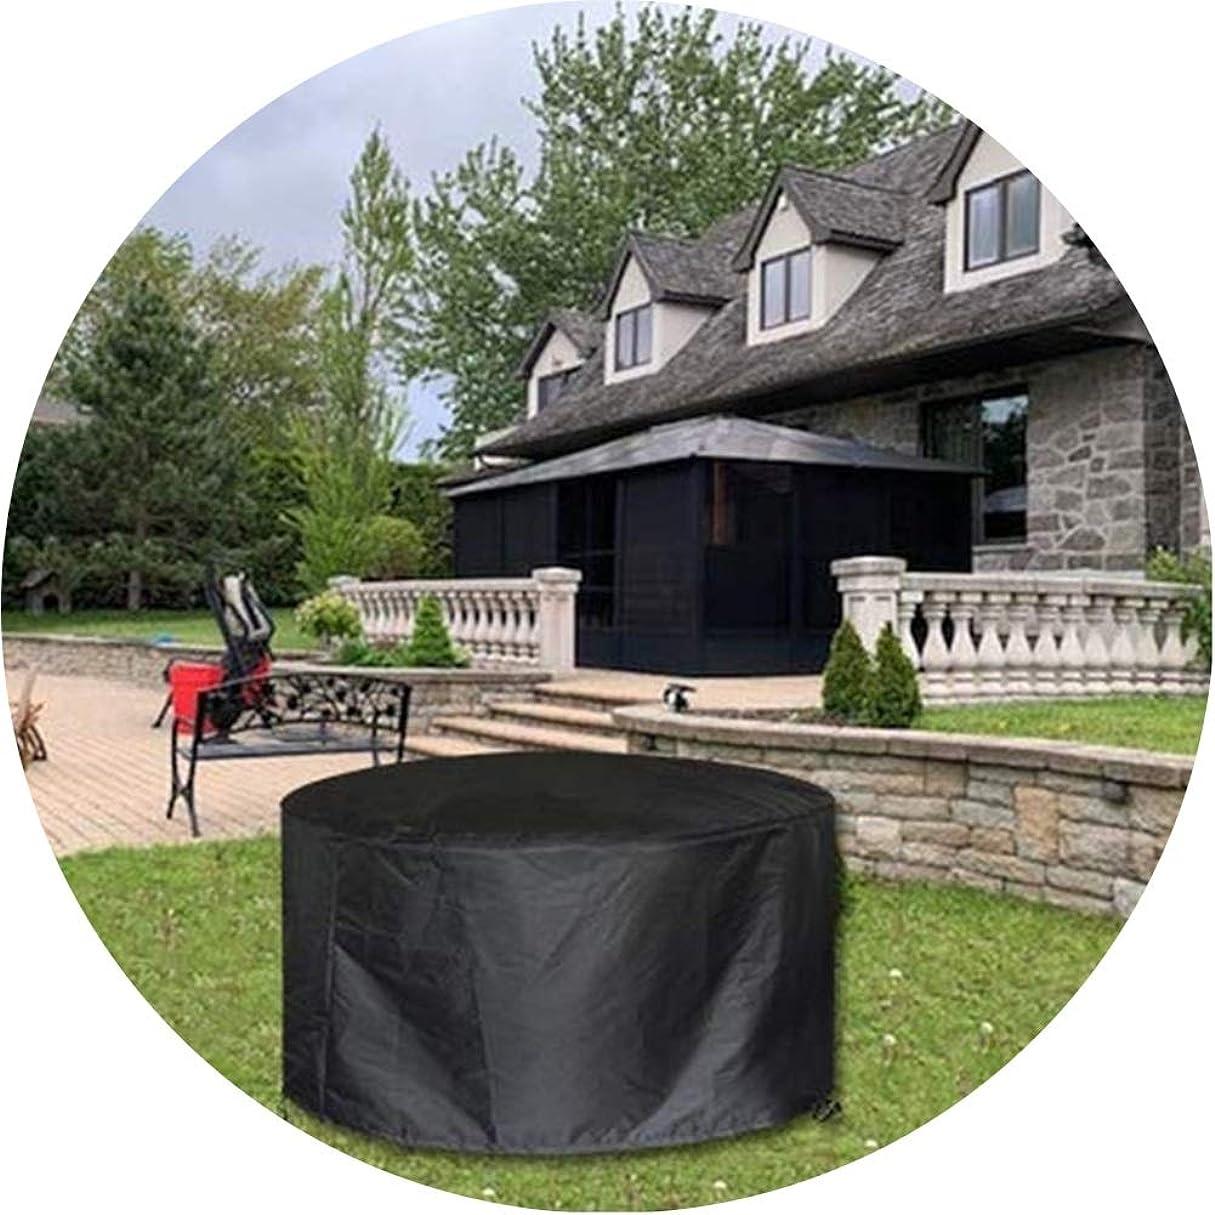 変装音節四WAHOUM ガーデン家具カバーオックスフォードの生地の黒い紫外線抵抗力があるために防水屋外の保護家具カバー 、25サイズ (Color : Black, Size : 0.7x0.7m)